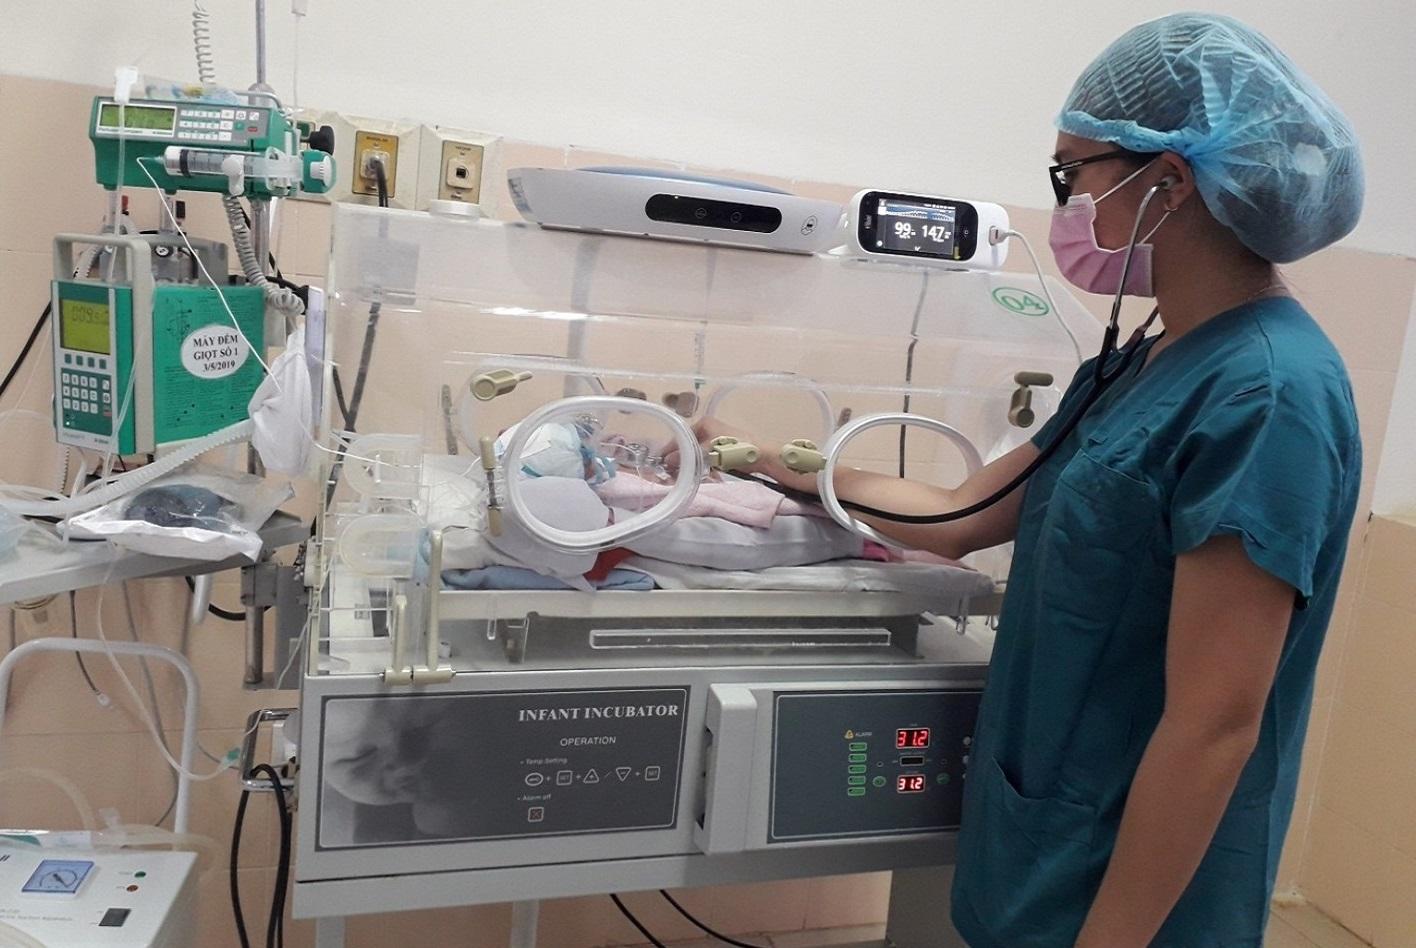 Bệnh Viện Thiện Hạnh: Cứu Sống Và Nuôi Dưỡng Thành Công Bé Gái Sinh Non Nhẹ Cân 28 Tuần